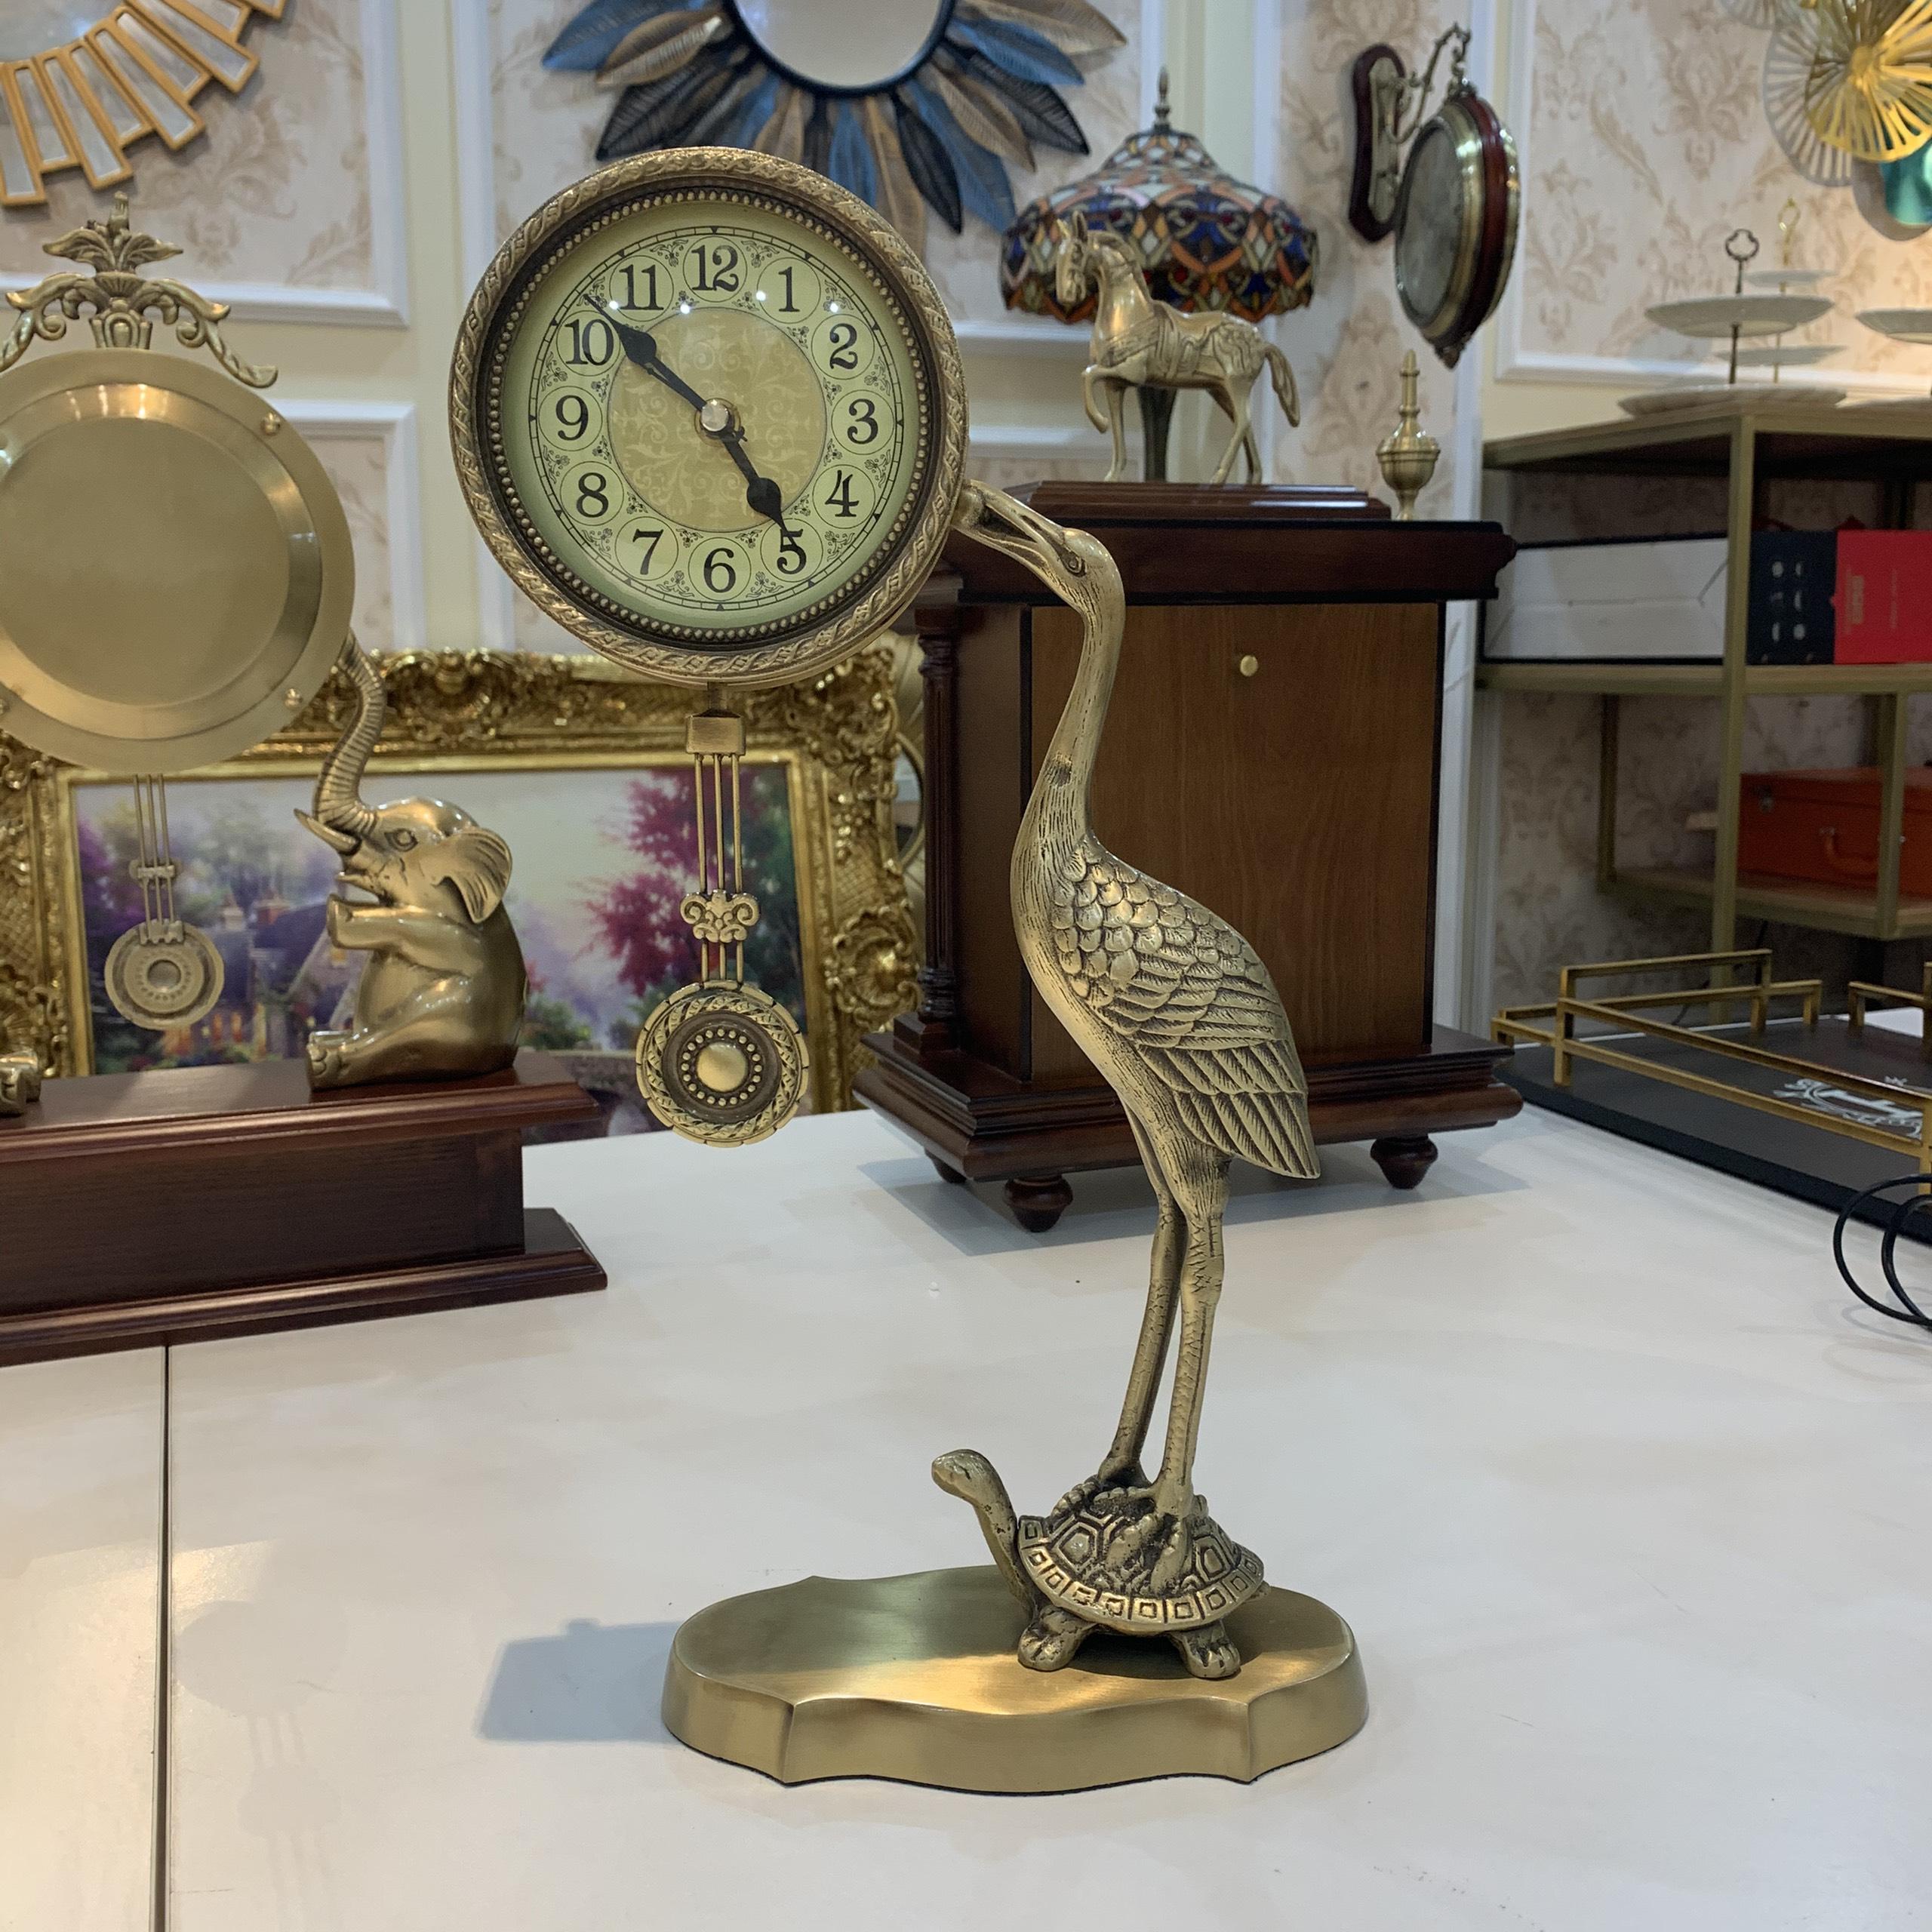 Đồng hồ để bàn Hạc trên lưng Rùa thuần đồng DH17